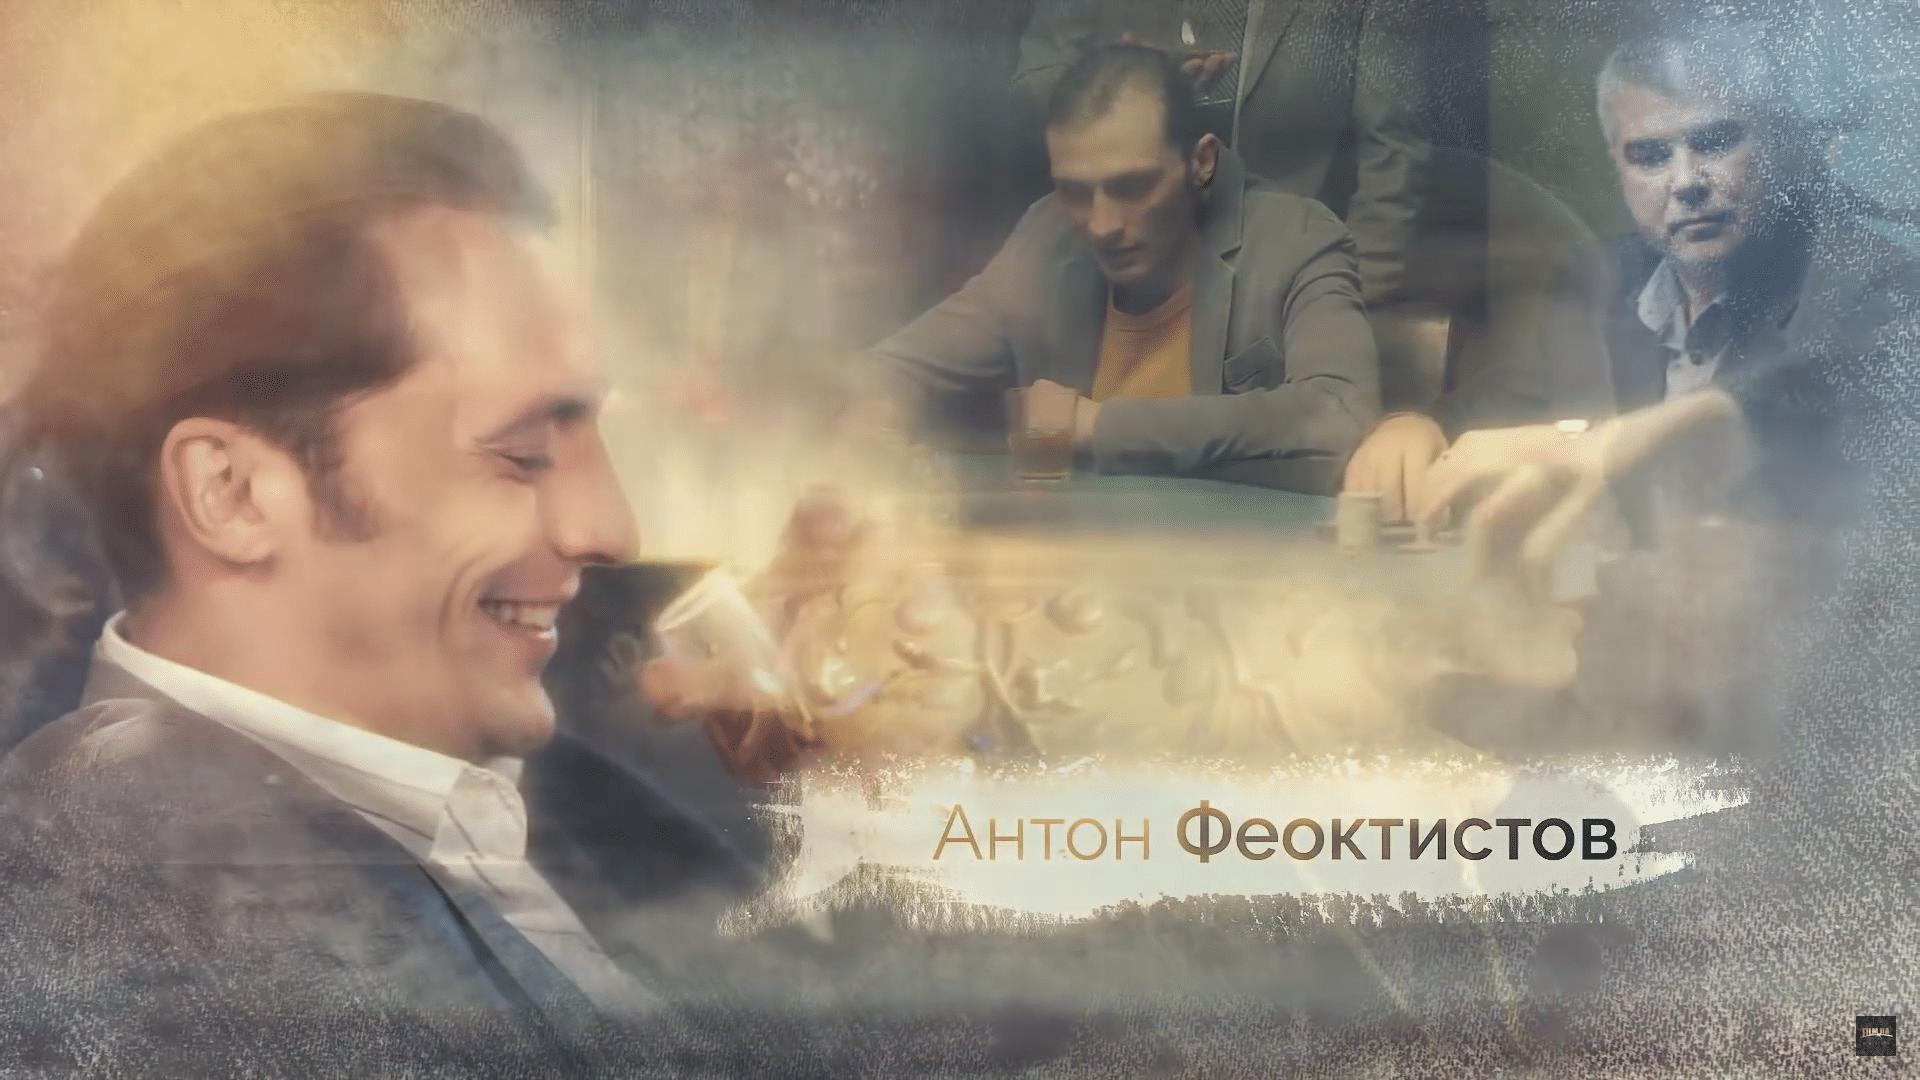 Антон Феоктистов – Главная мужская роль в сериале, муж, успешный бизнесмен из Москвы - Григорий Середа